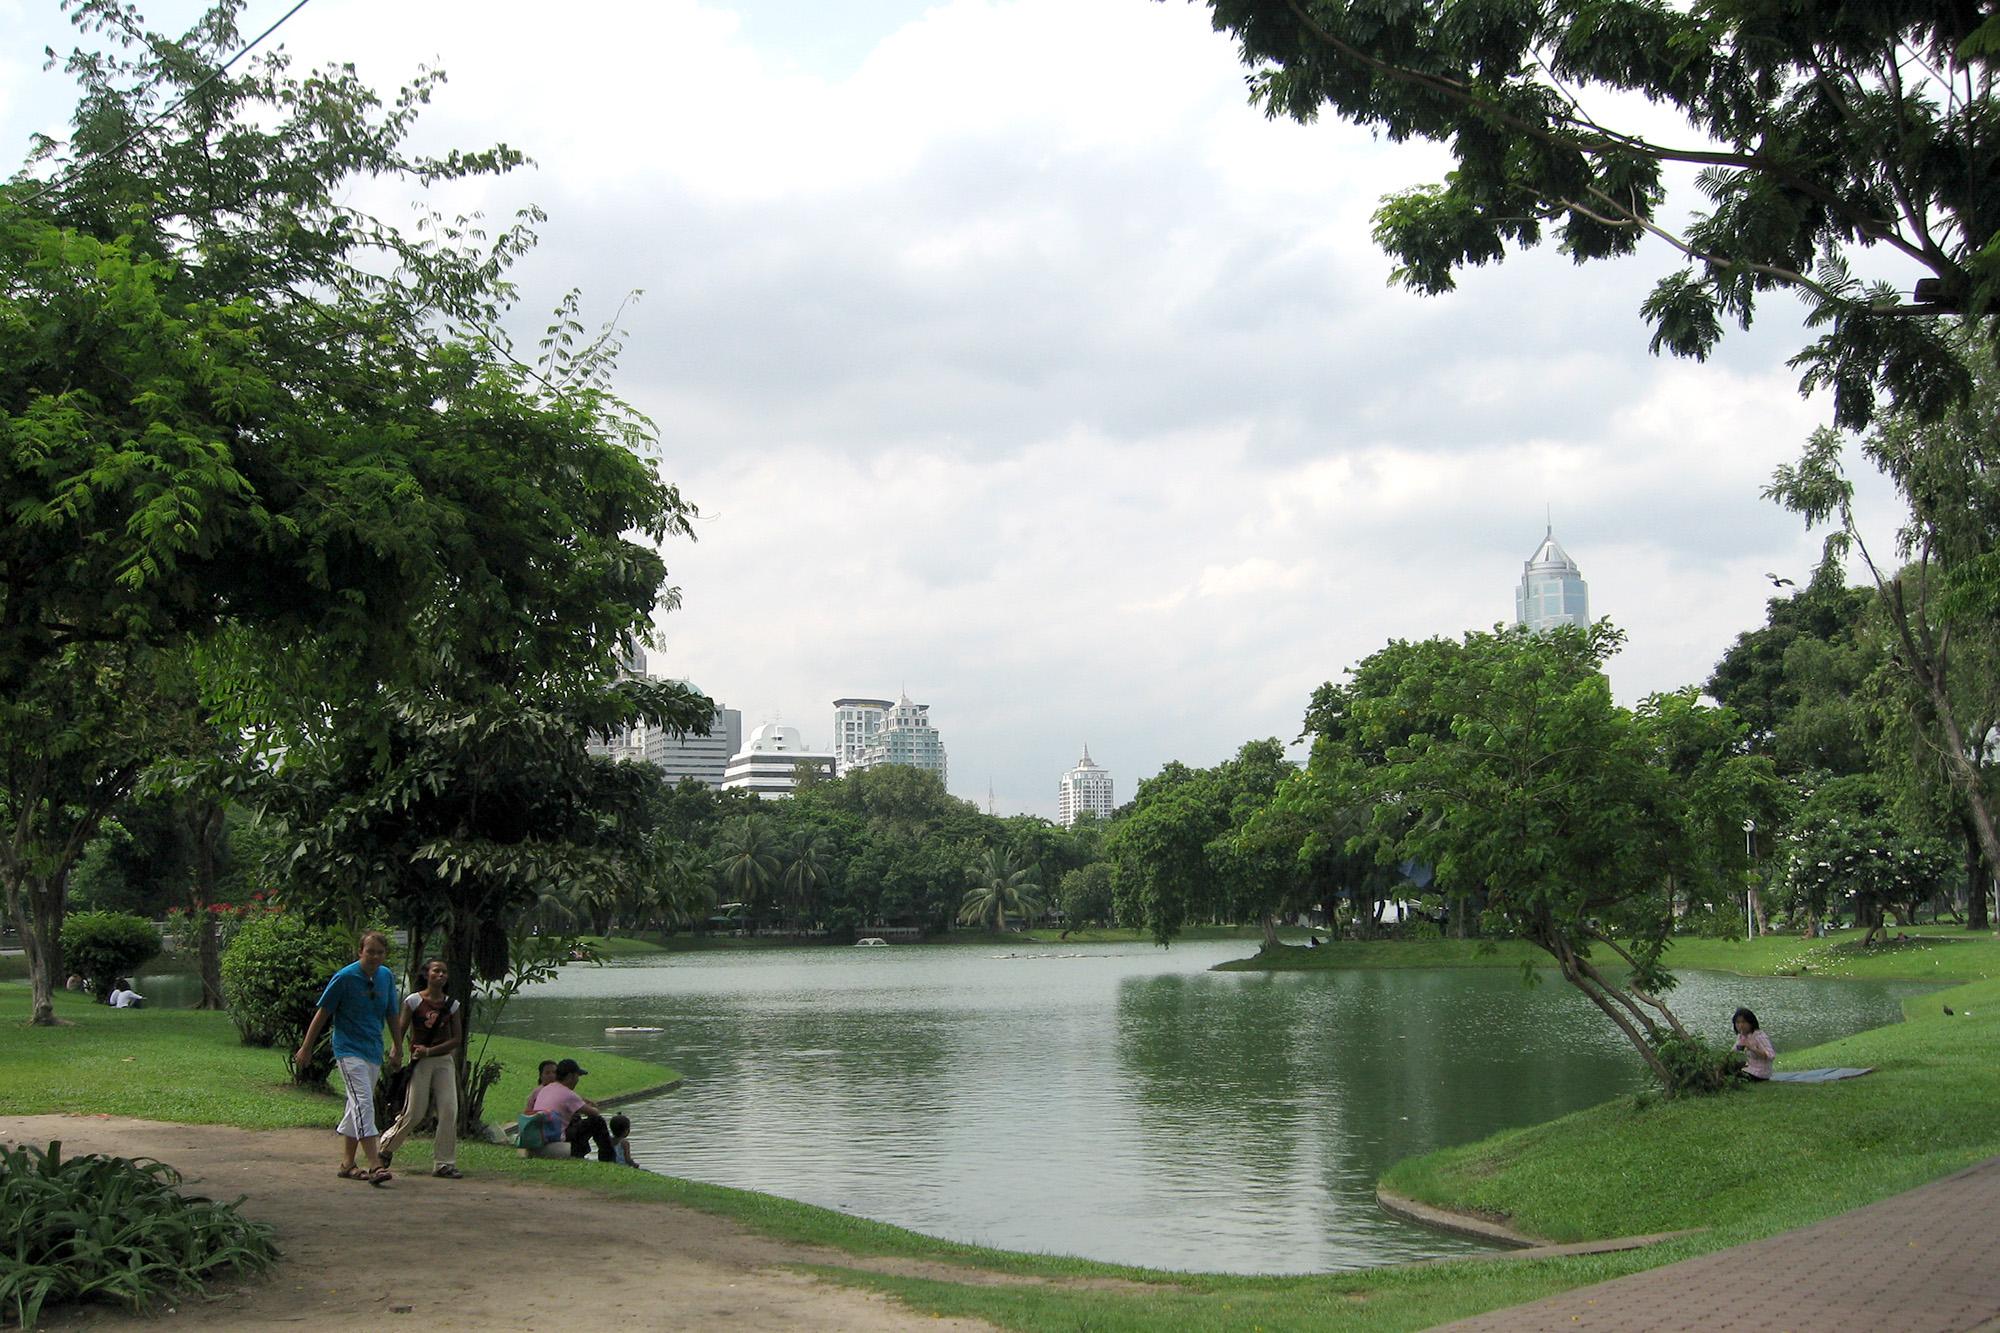 倫披尼公園 Lumphini Park 曼谷 倫披尼公園 曼谷 公園 曼谷 水燈節景點